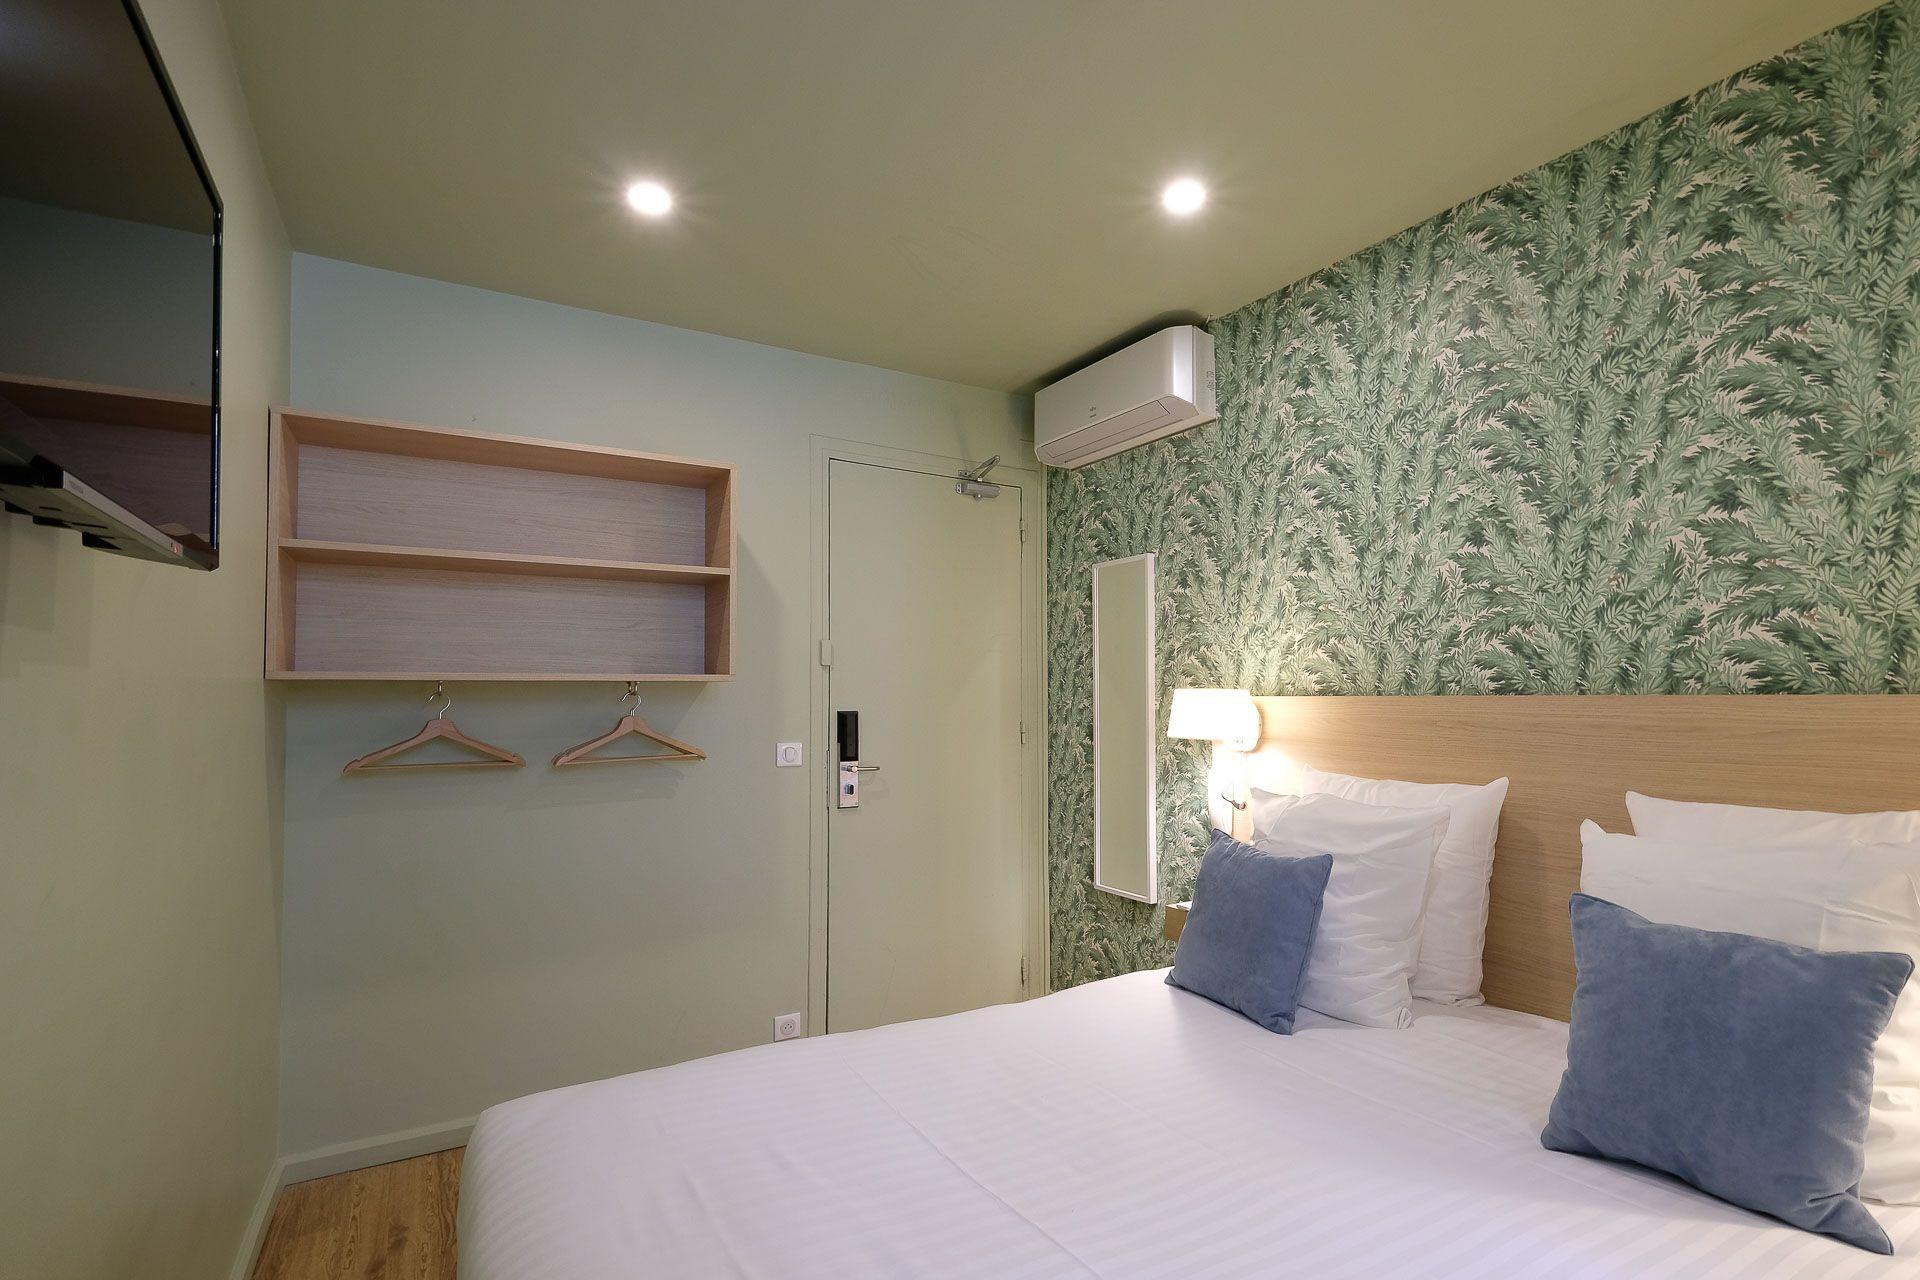 Chambres Chaleureuses De Notre Hotel De Charme A Nice